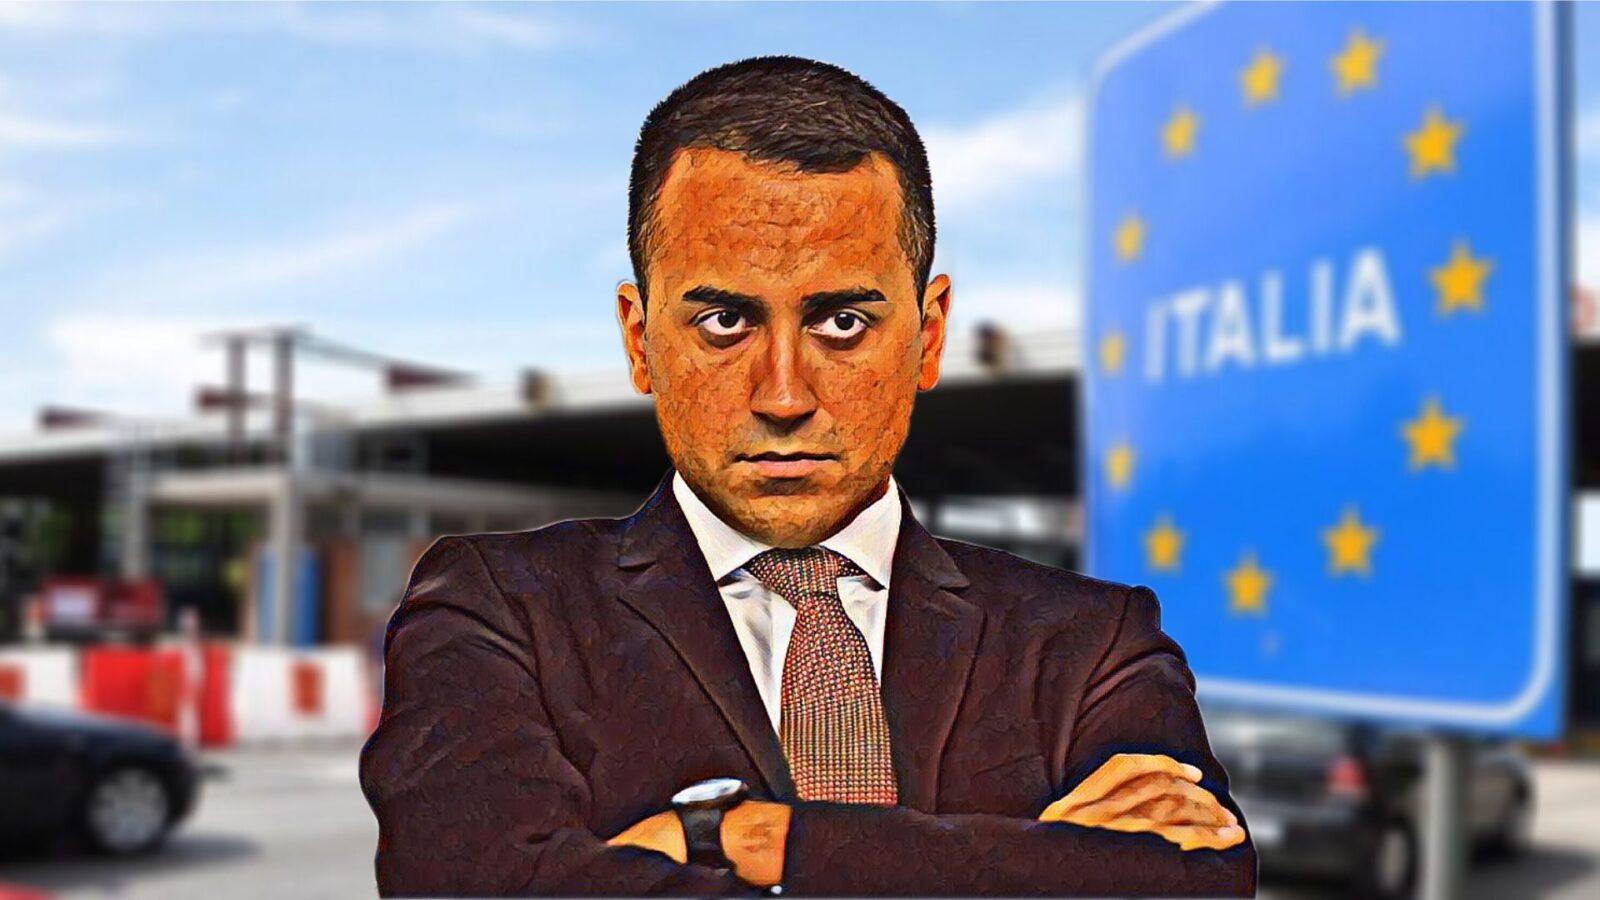 L'Italia un lazzaretto? I primi a pensarlo sono i nostri governatori…